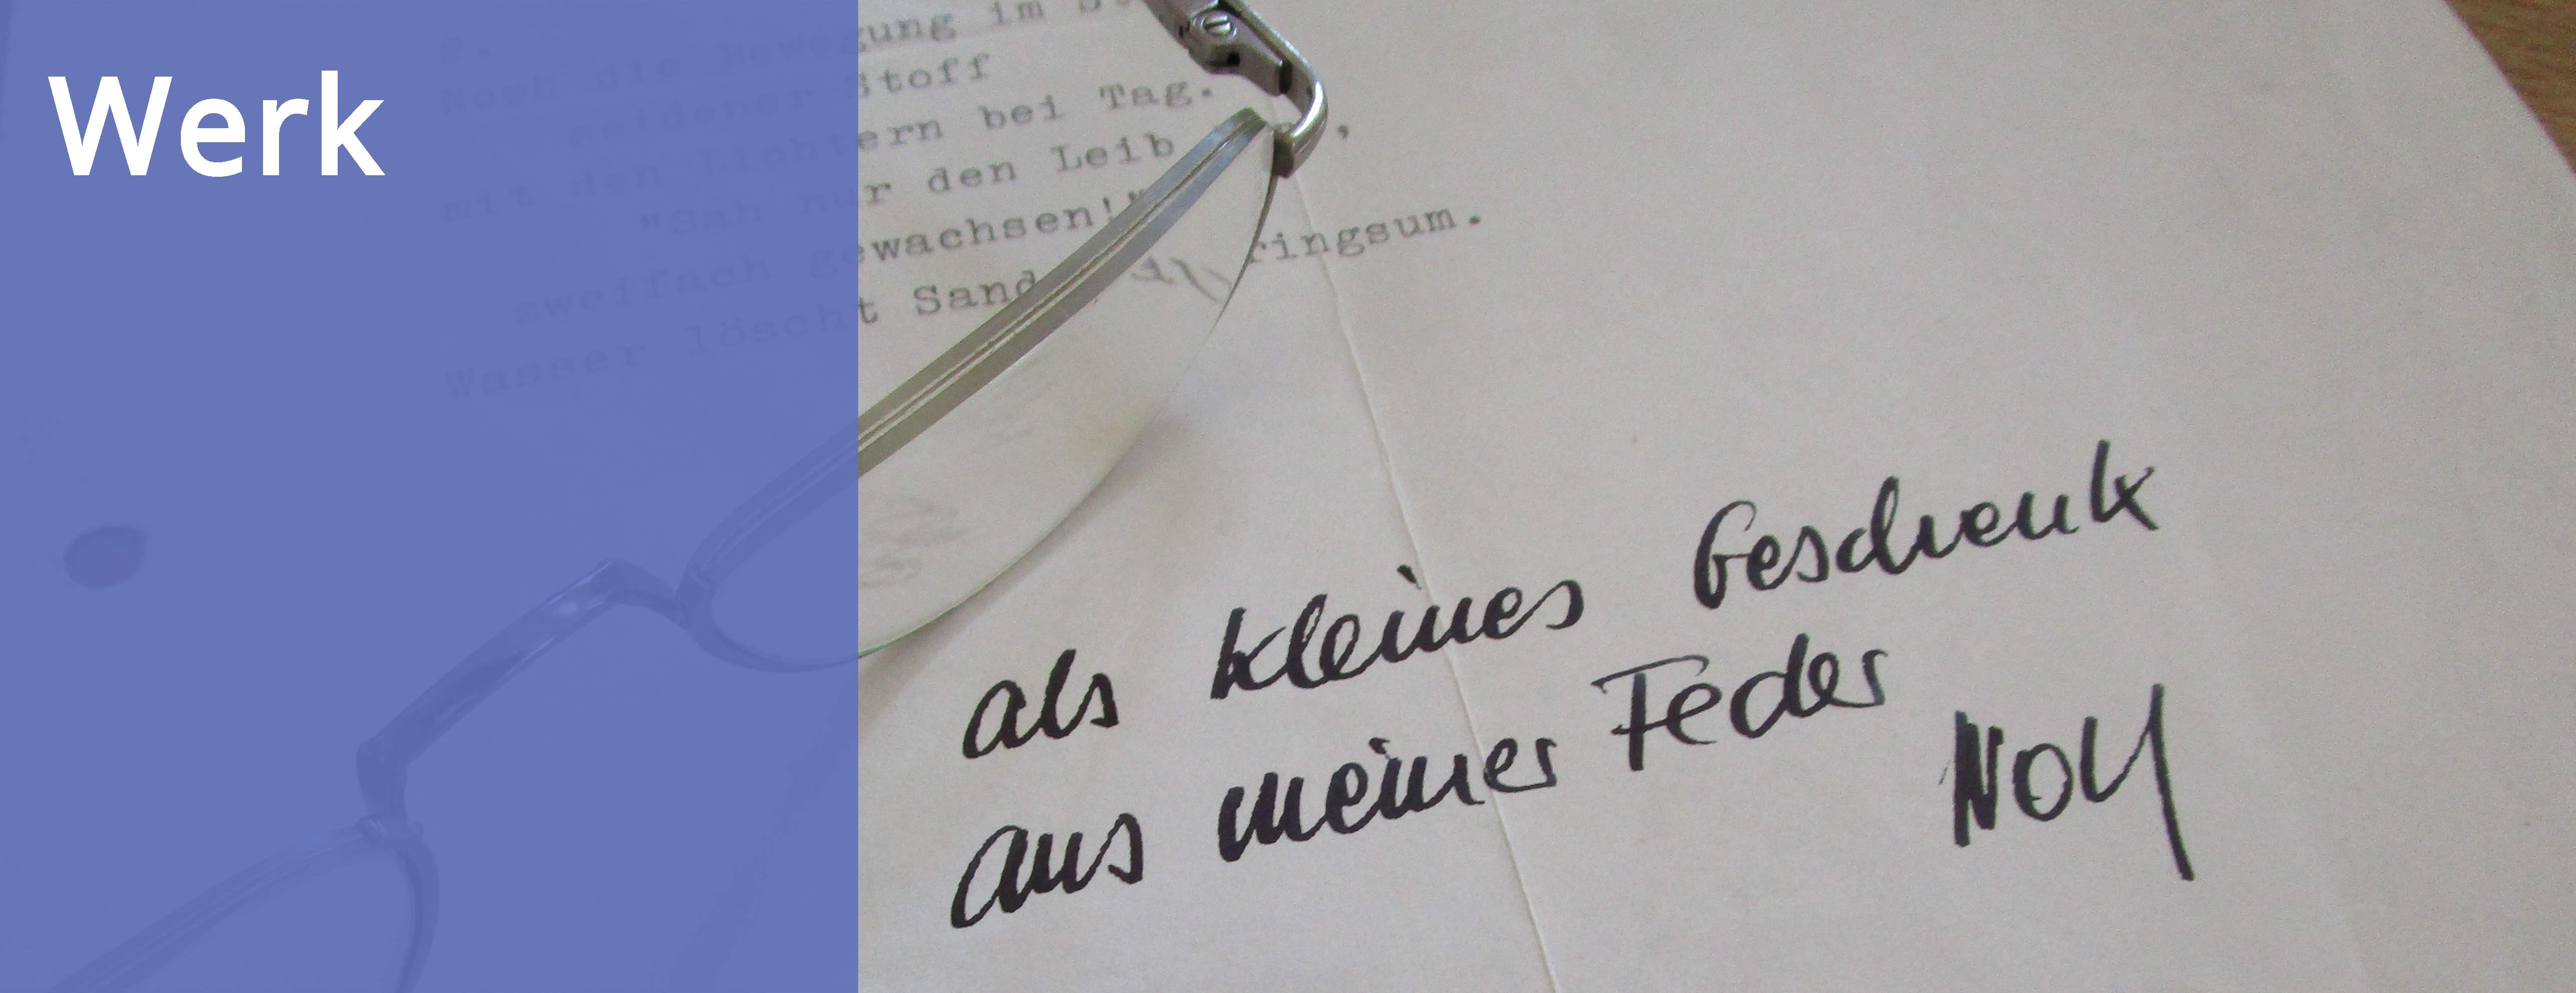 Maschinengeschriebenes Gedicht von Wolf Wondratschek mit Widmung